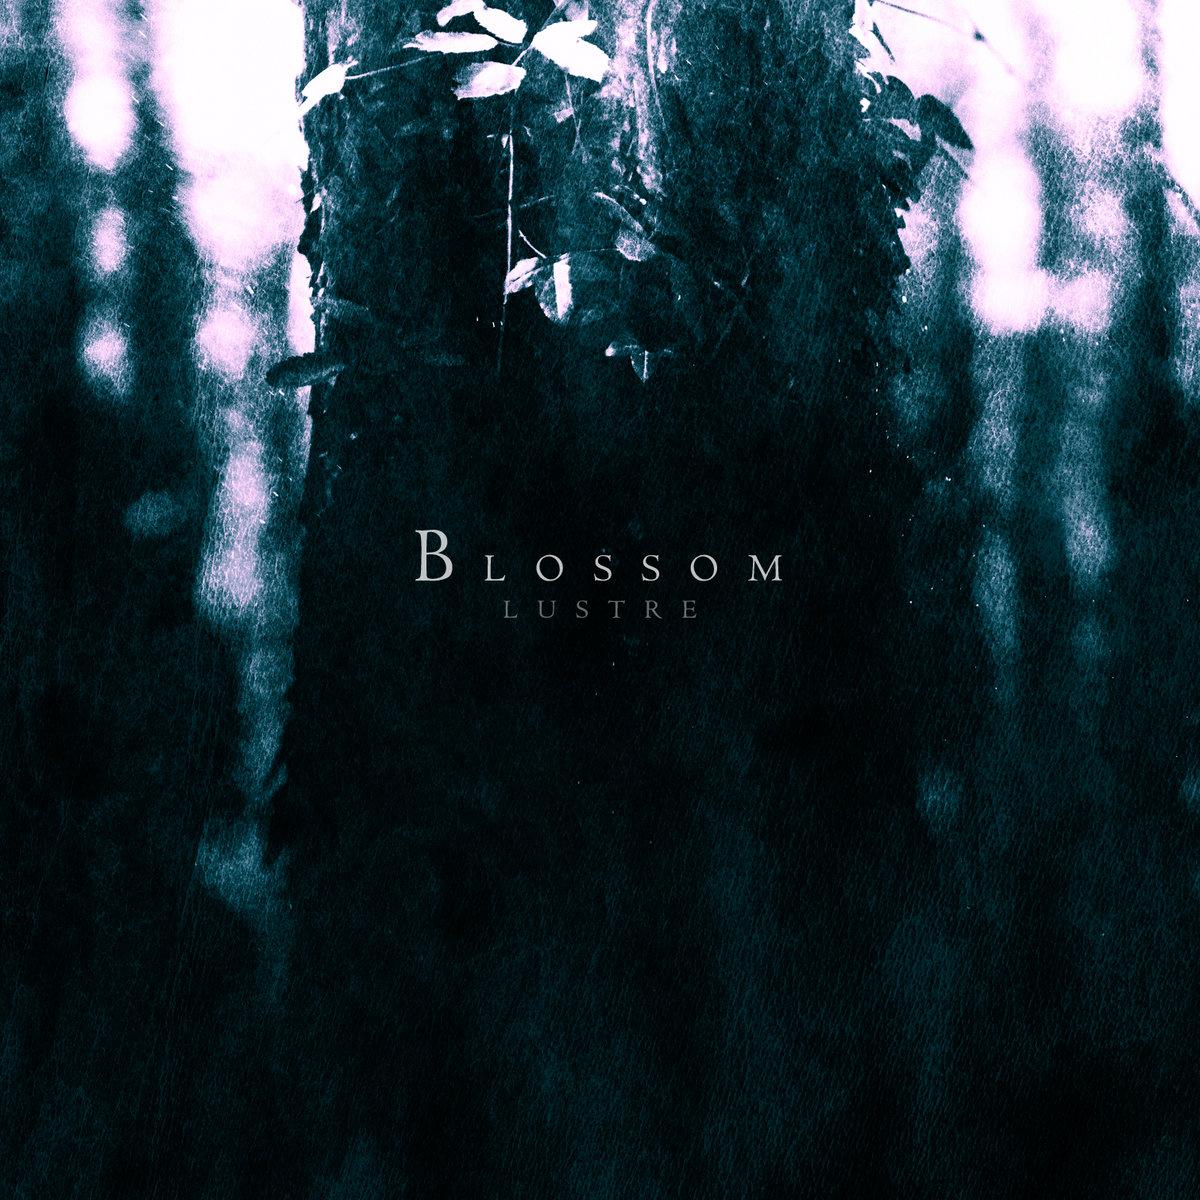 Blossom Lustre